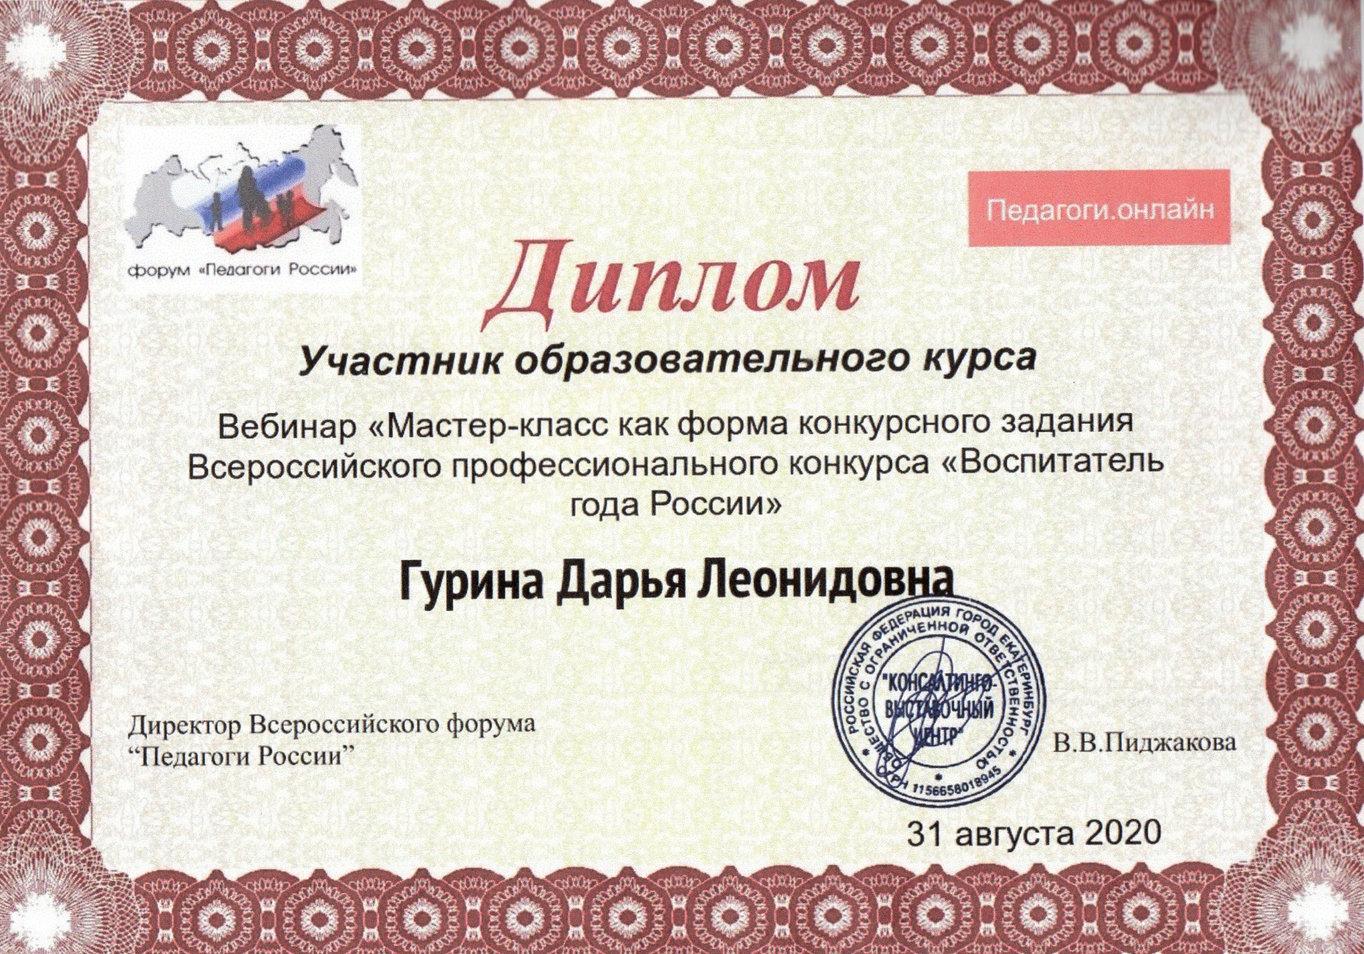 Диплом участника образовательного курса